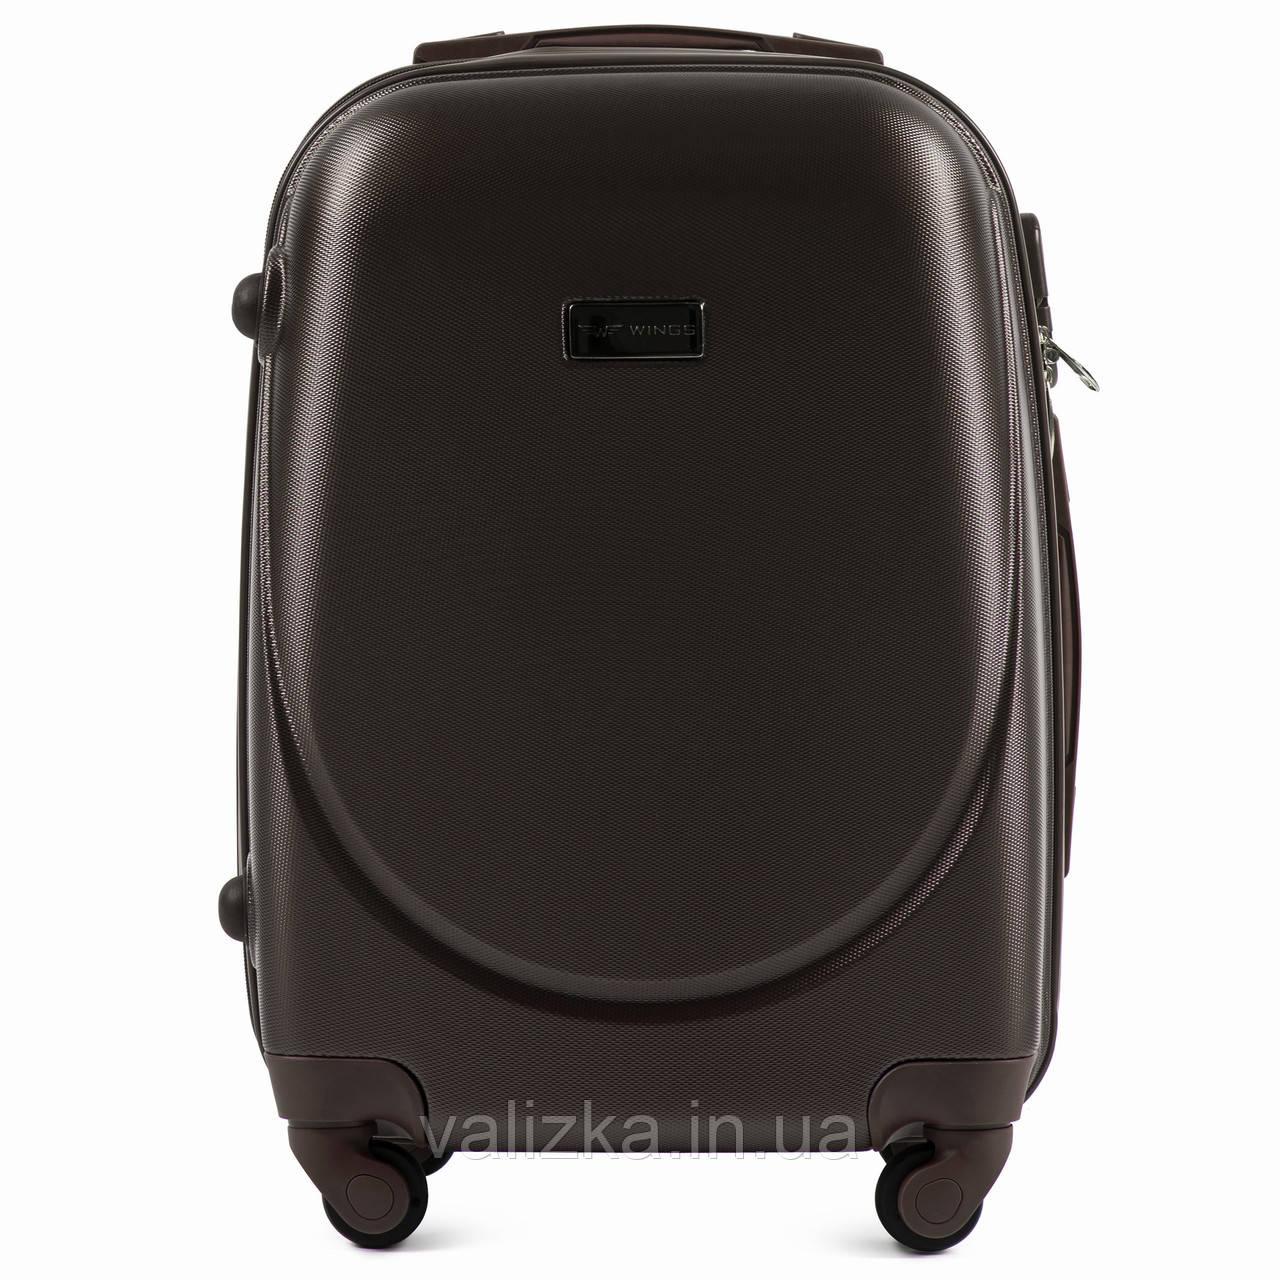 Пластиковый чемодан малый коричневый с фурнитурой в цвет S+ ручная кладь